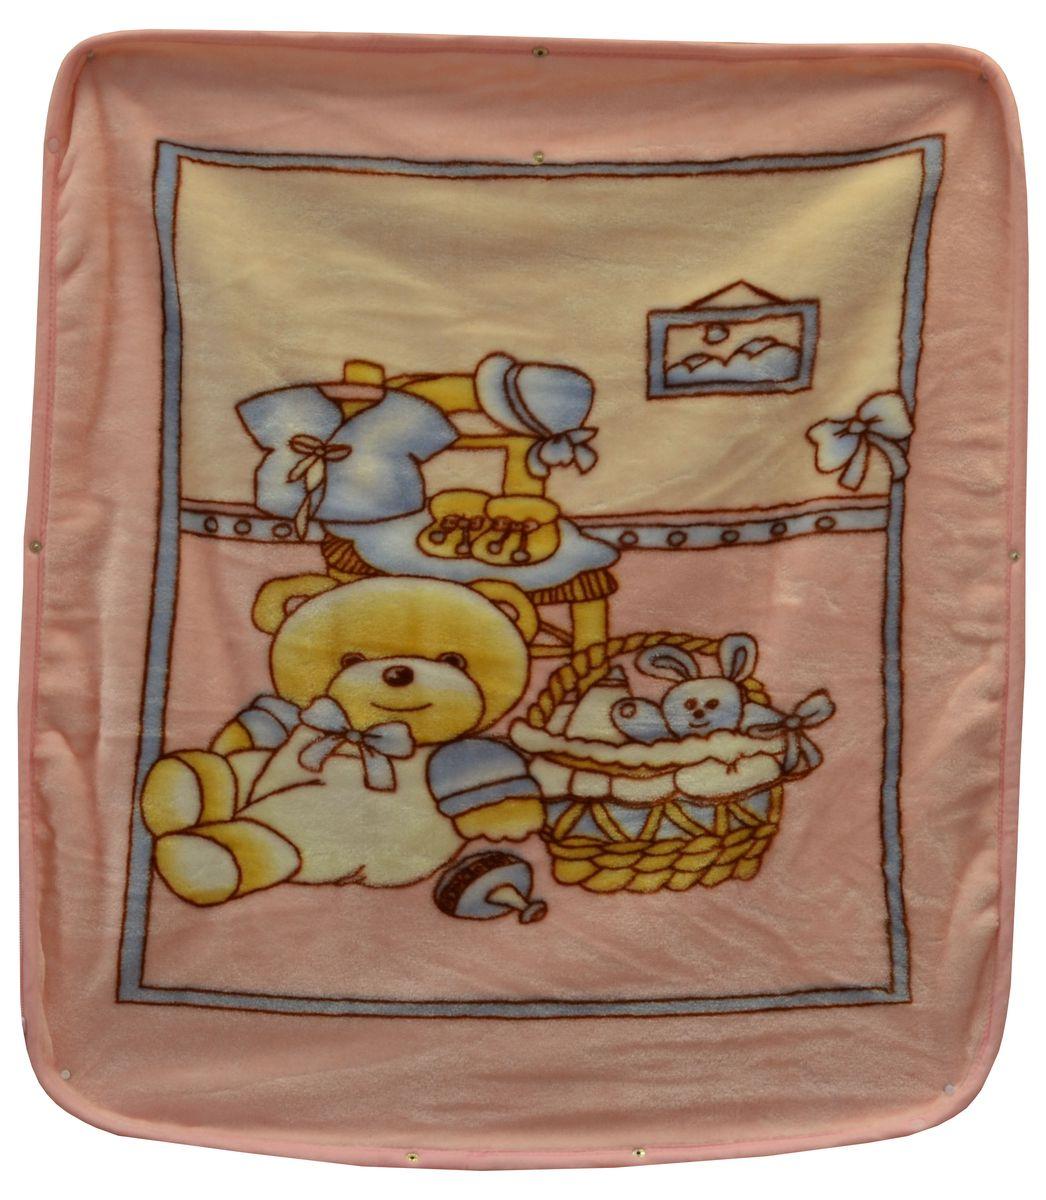 Bonne Fee Плед-накидка для младенцев на молнии 2, 80 х 90 см, цвет: розовый bonne fee простыня детская совы цвет розовый 70 х 100 см